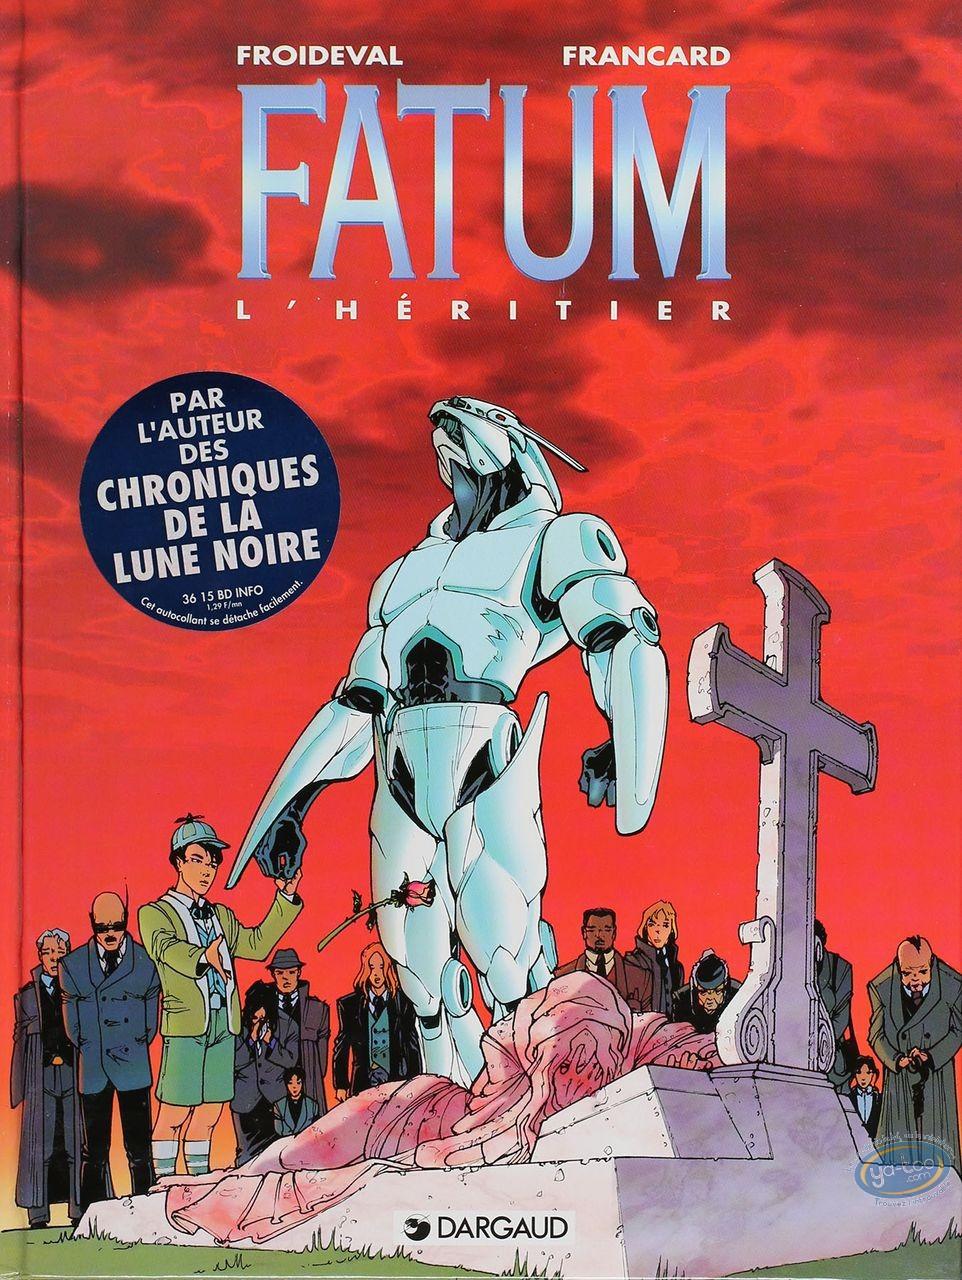 BD cotée, Fatum : Fatum, L'Héritier